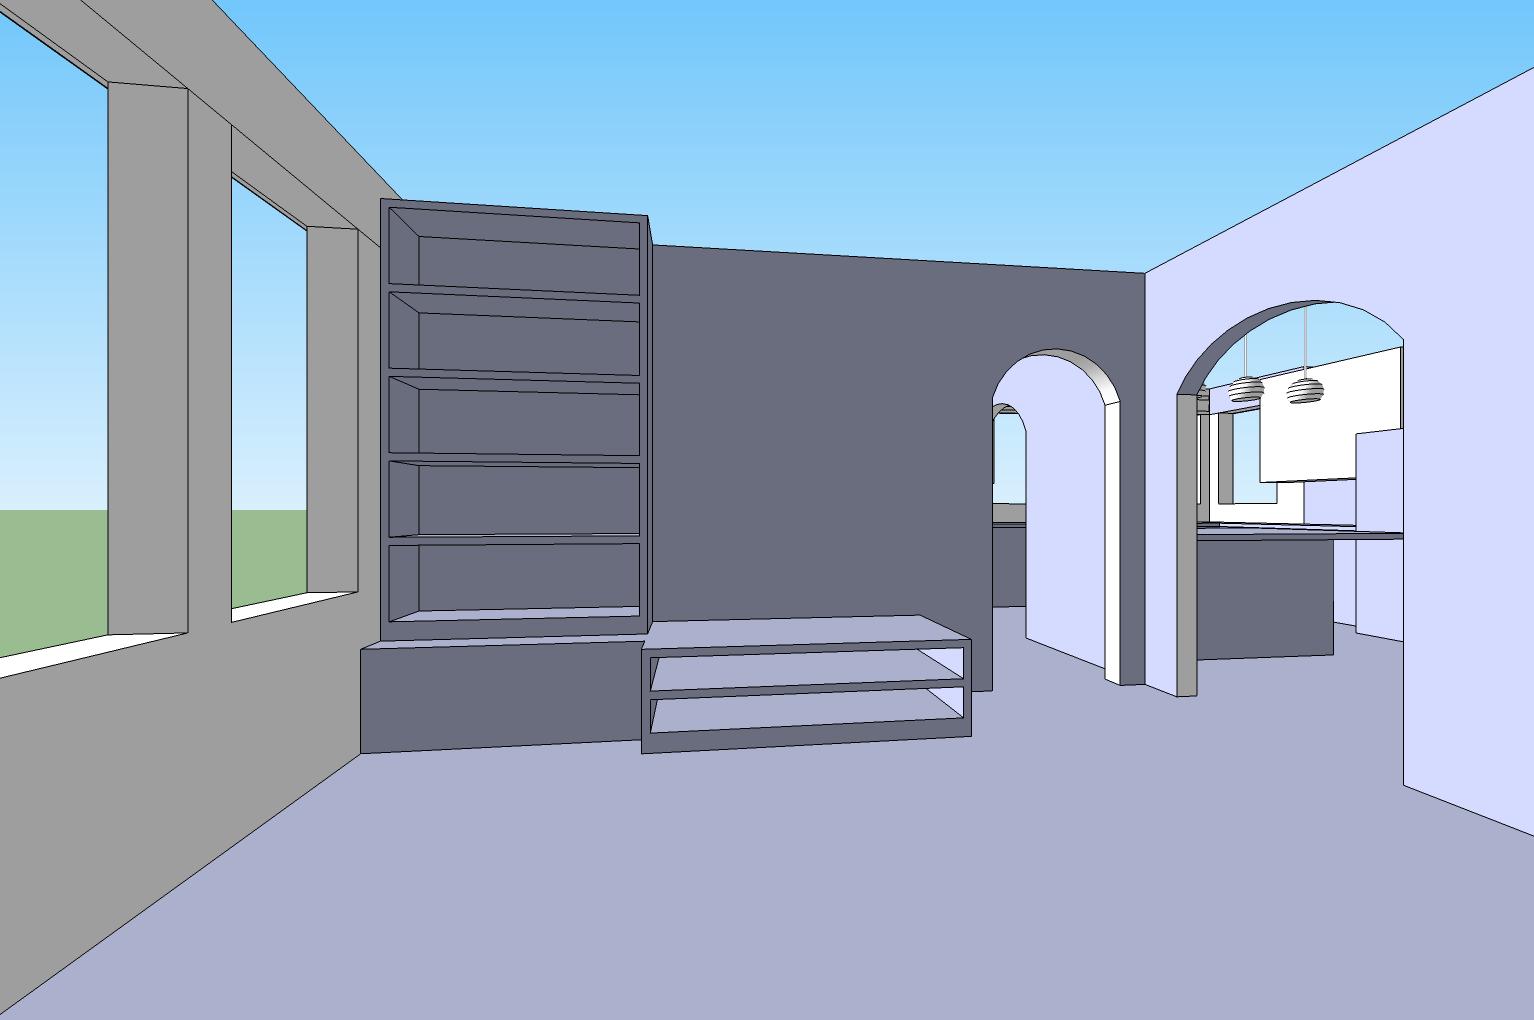 totw google sketchup and house design jason patz. Black Bedroom Furniture Sets. Home Design Ideas